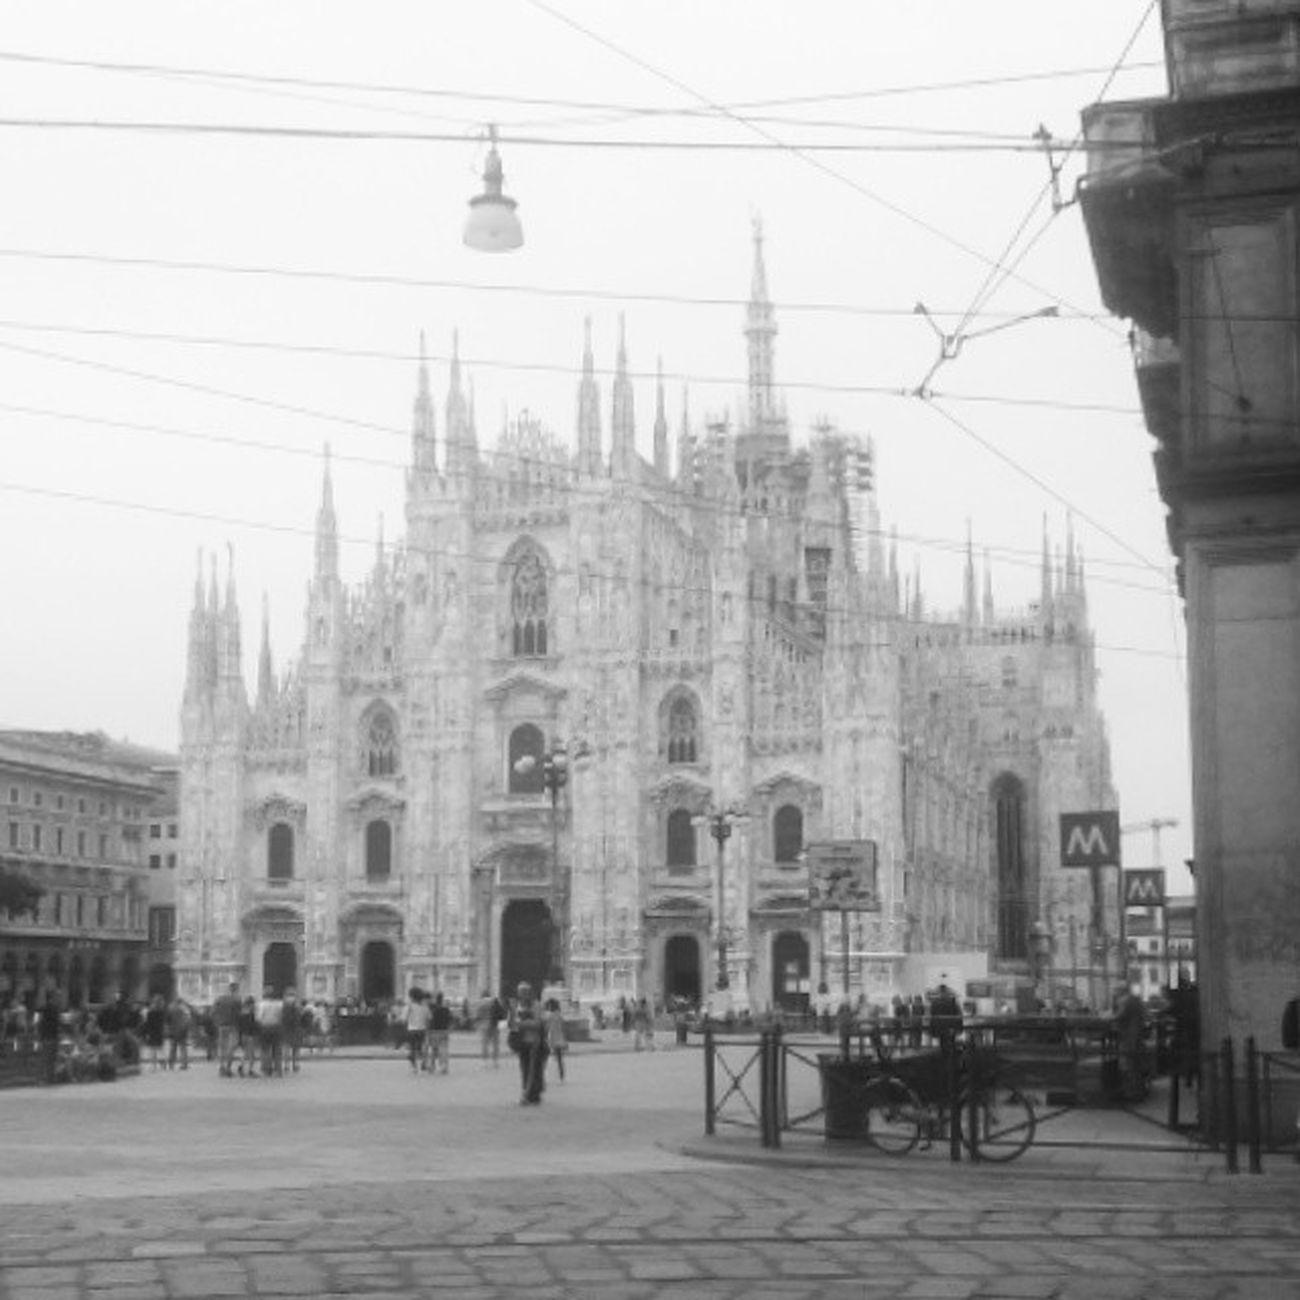 Milano Duomo Italy Meryontour